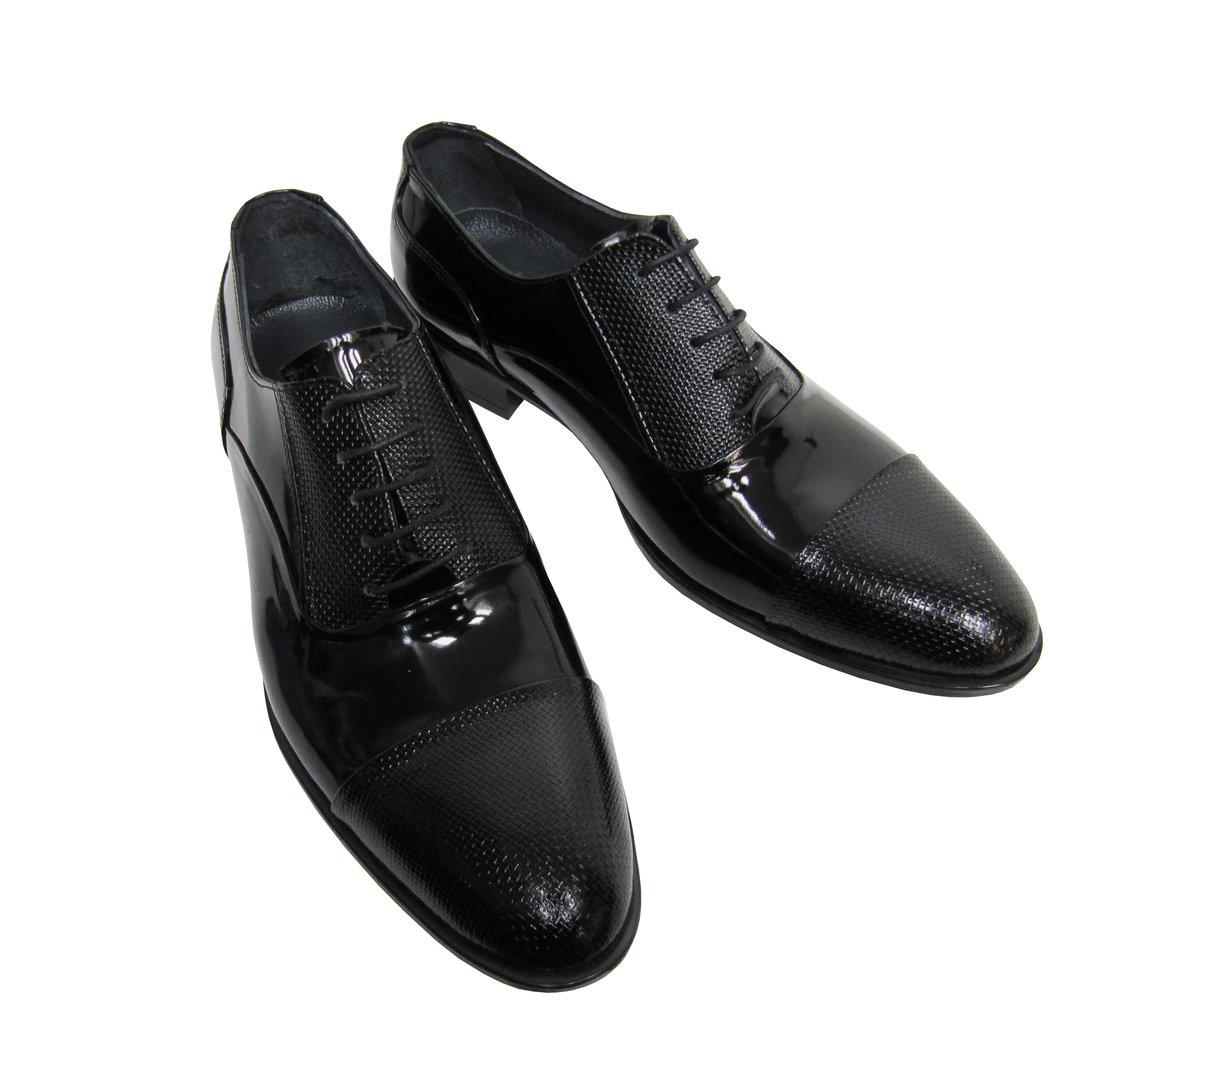 separation shoes 905f7 cbff8 Herren Schuhe Smoking Lackschuhe - Muga Herrenausstatter